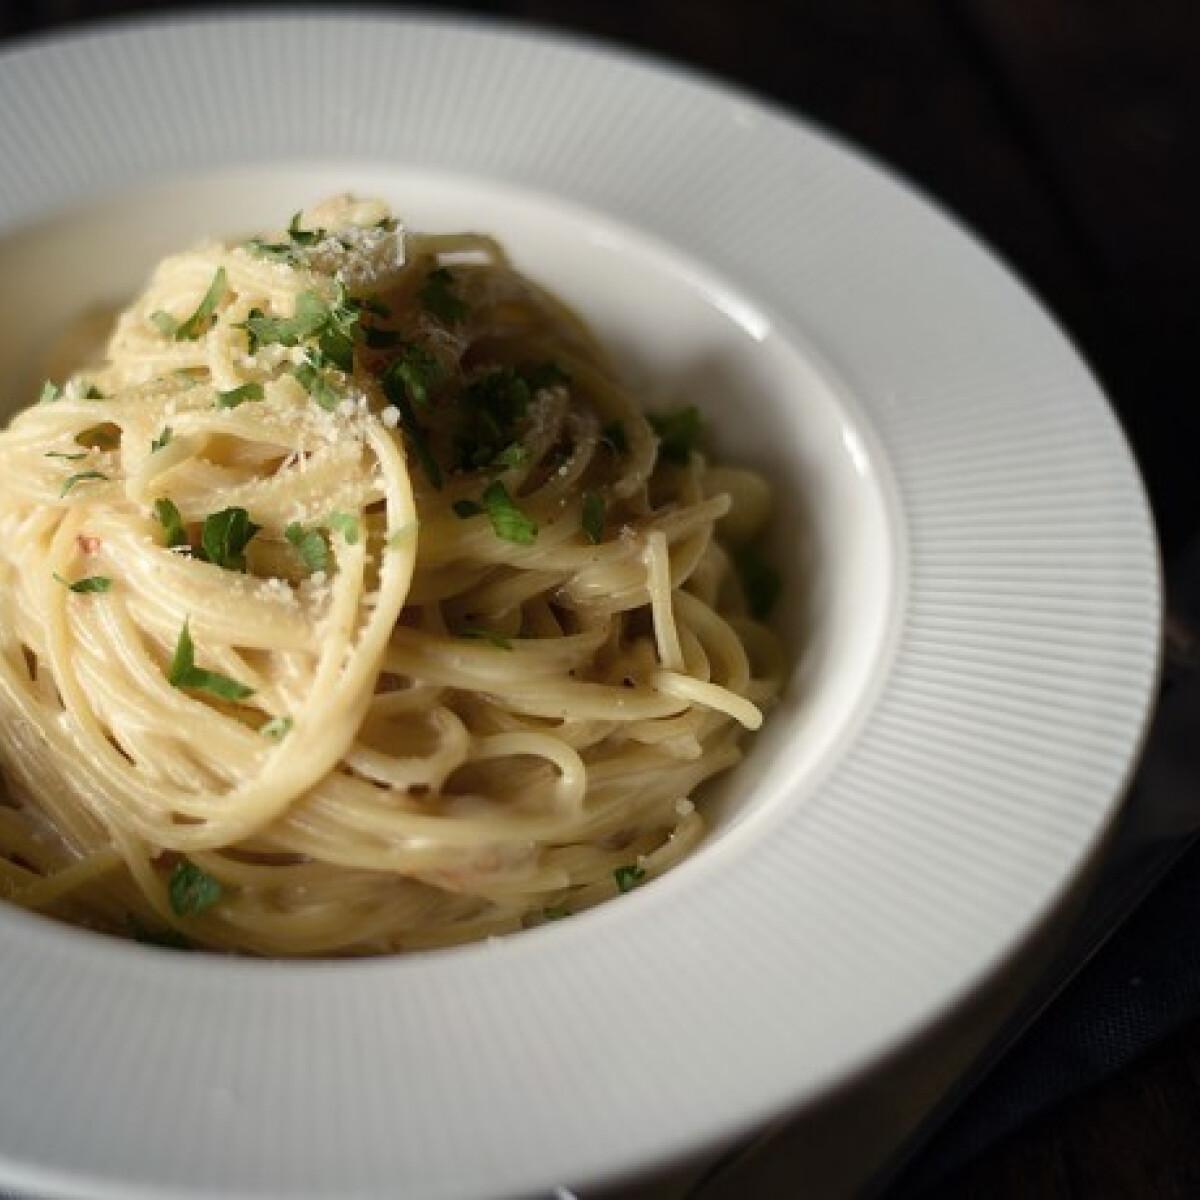 Ezen a képen: Egyedényes, sajtszószos-fokhagymás spagetti